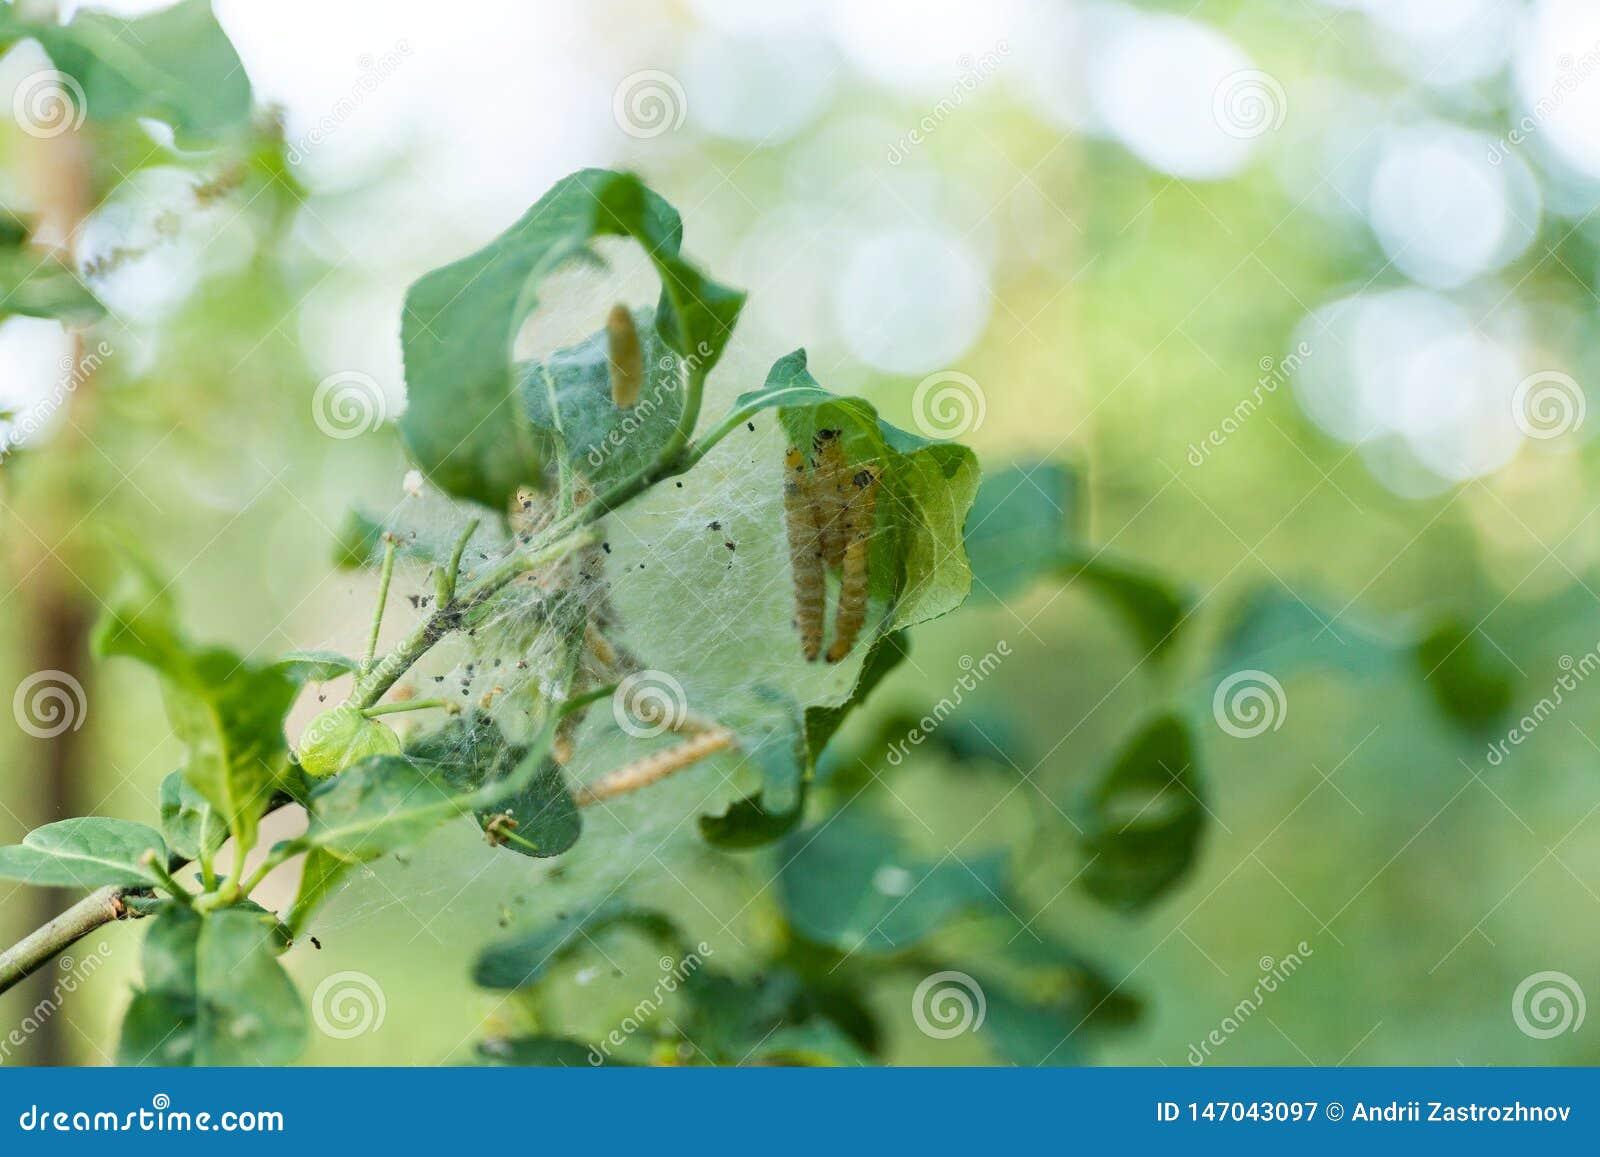 Ομάδα καμπιών σχετικά με το δέντρο στον κήπο Καταστρέψτε, έντομο